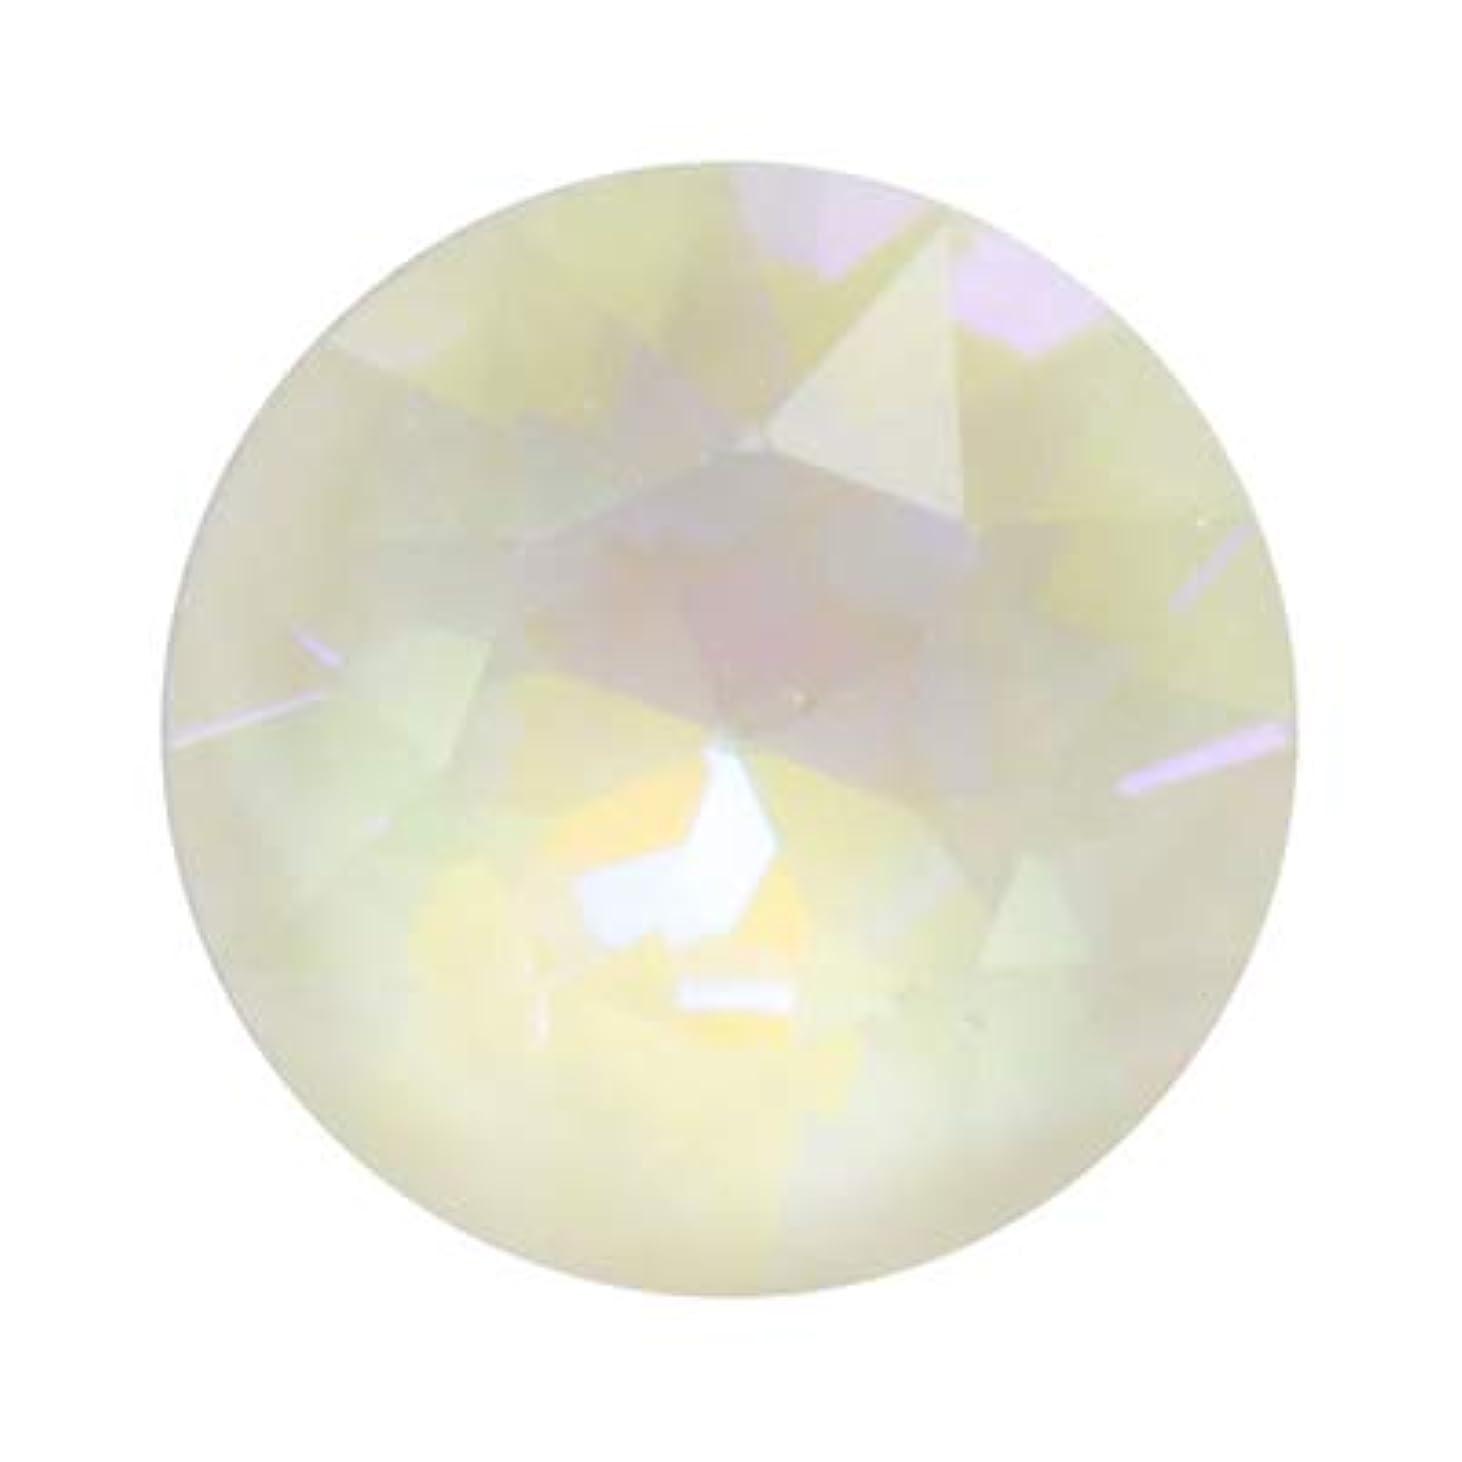 走る黒社員SWAROVSKI クリスタル ライトグレイ ディライト #1088 チャトン(Vカット) ss29 12p